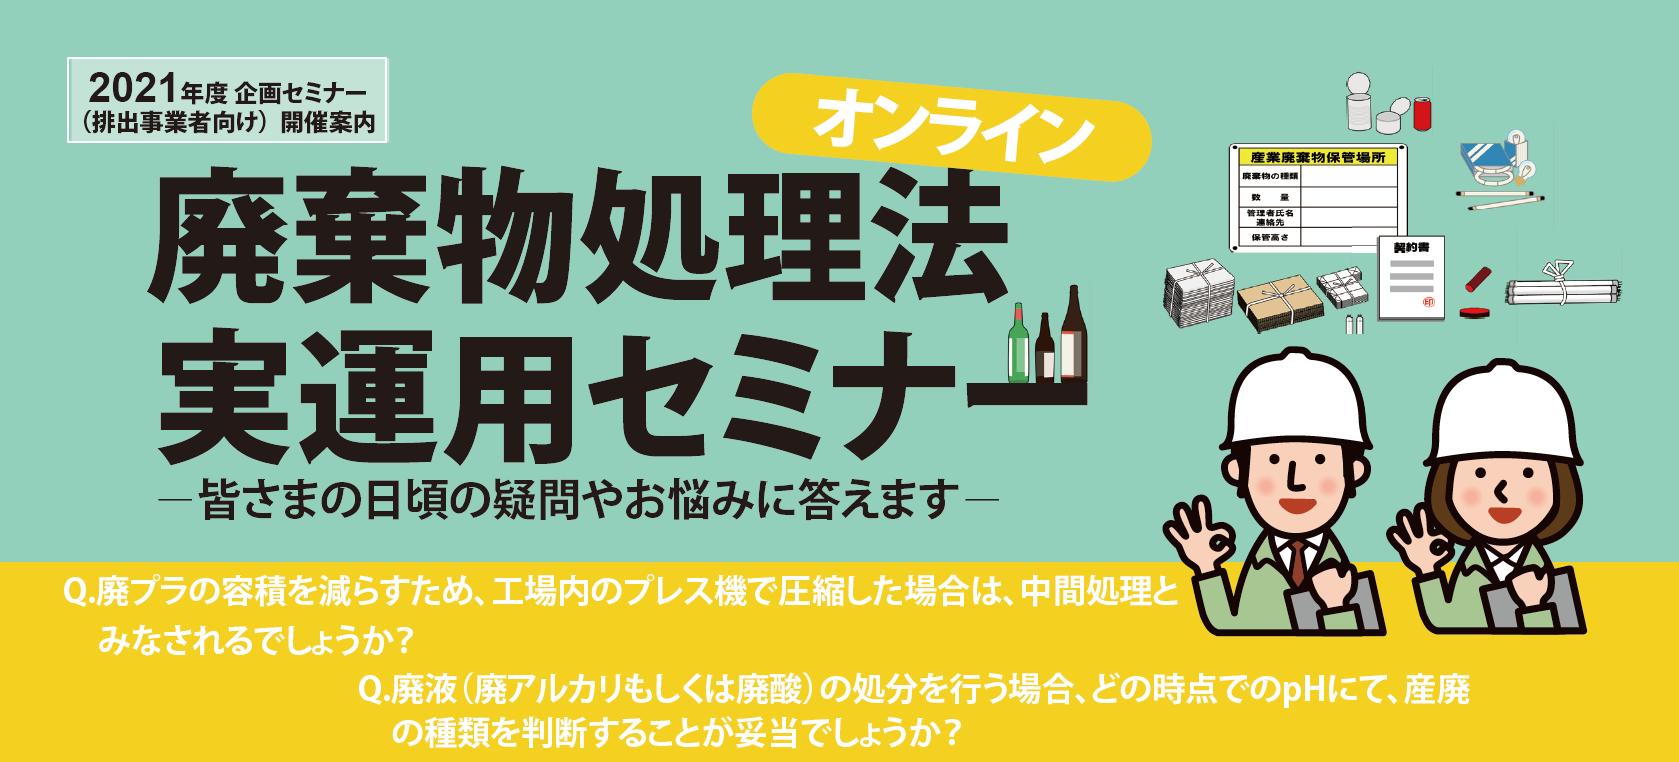 img-top_haiki-jitsuunyo2021_03.png